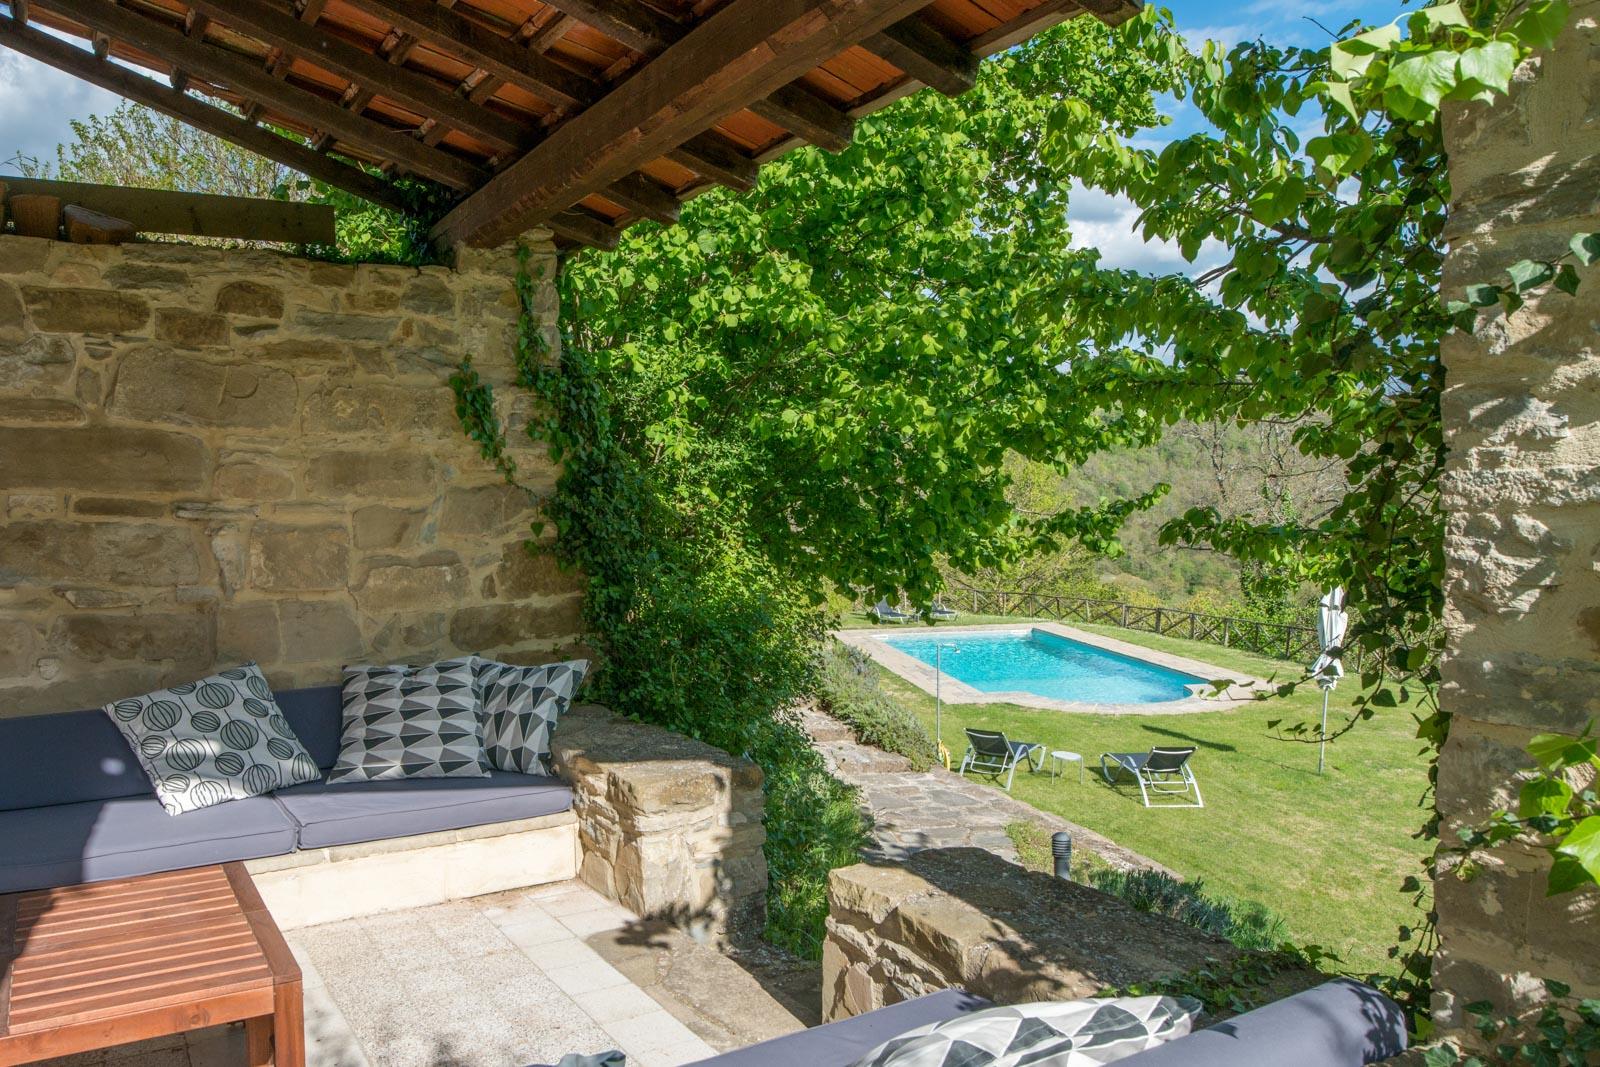 Lussuosa villa splendidamente ristrutturata con piscina, campo da tennis, area benessere e 2 ettari di terreno